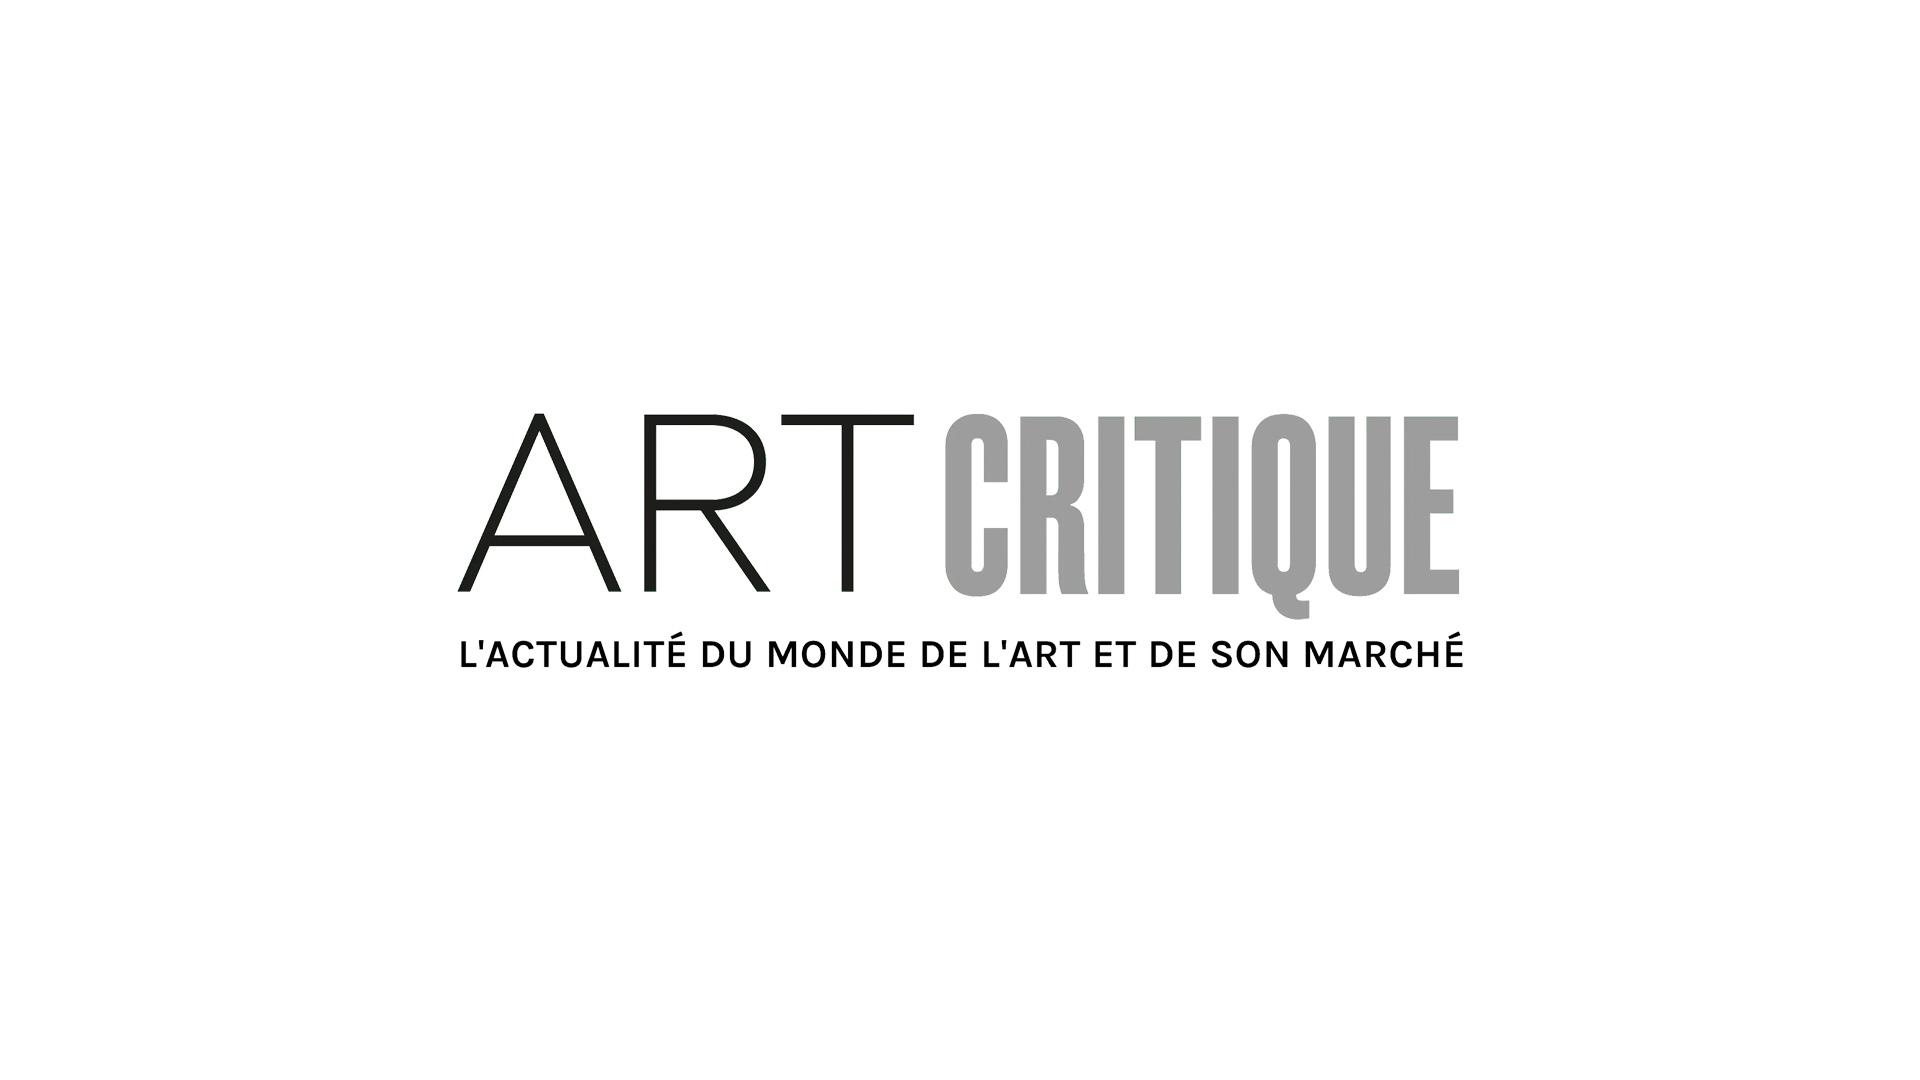 Facebook agrees to reconsider censorship after #WeTheNipple demonstration